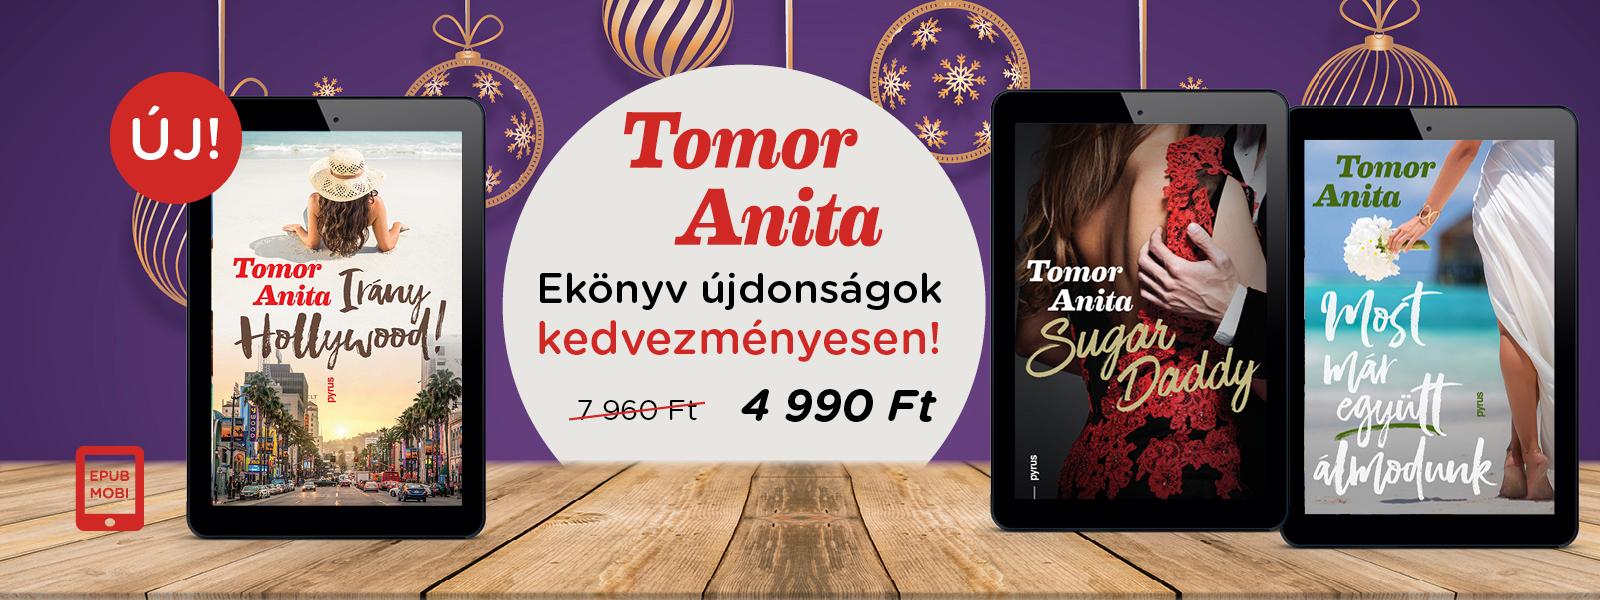 Tomor Anita ekönyv újdonságok